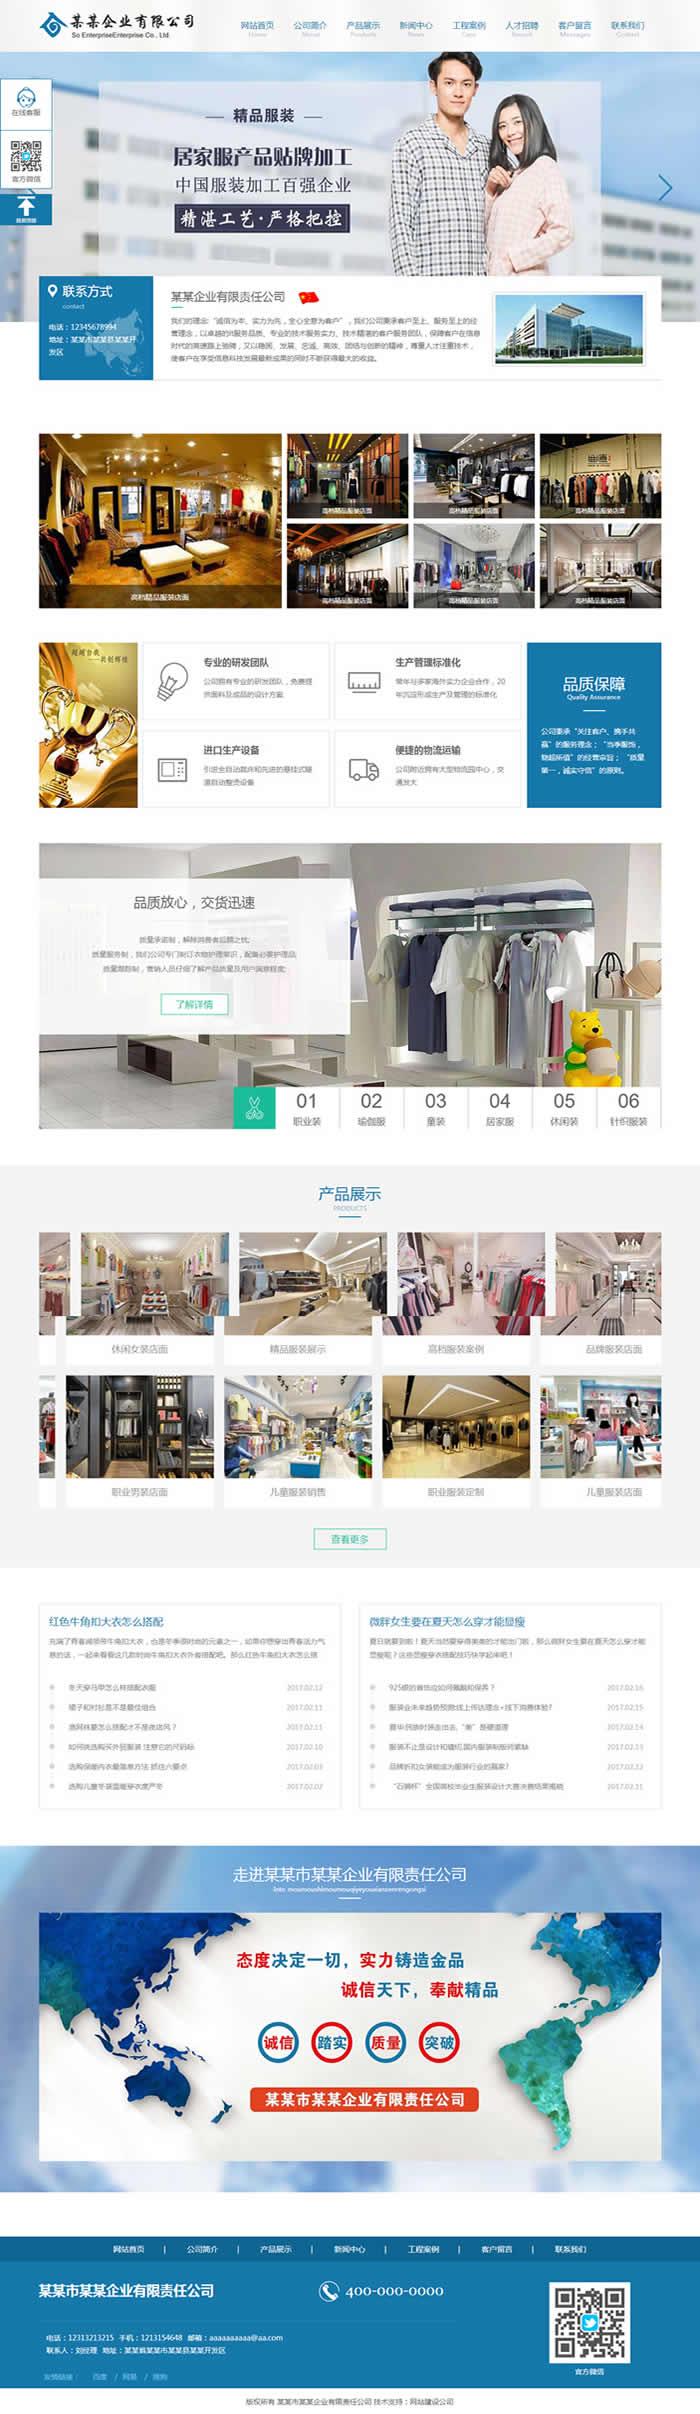 服装加工类企业网站